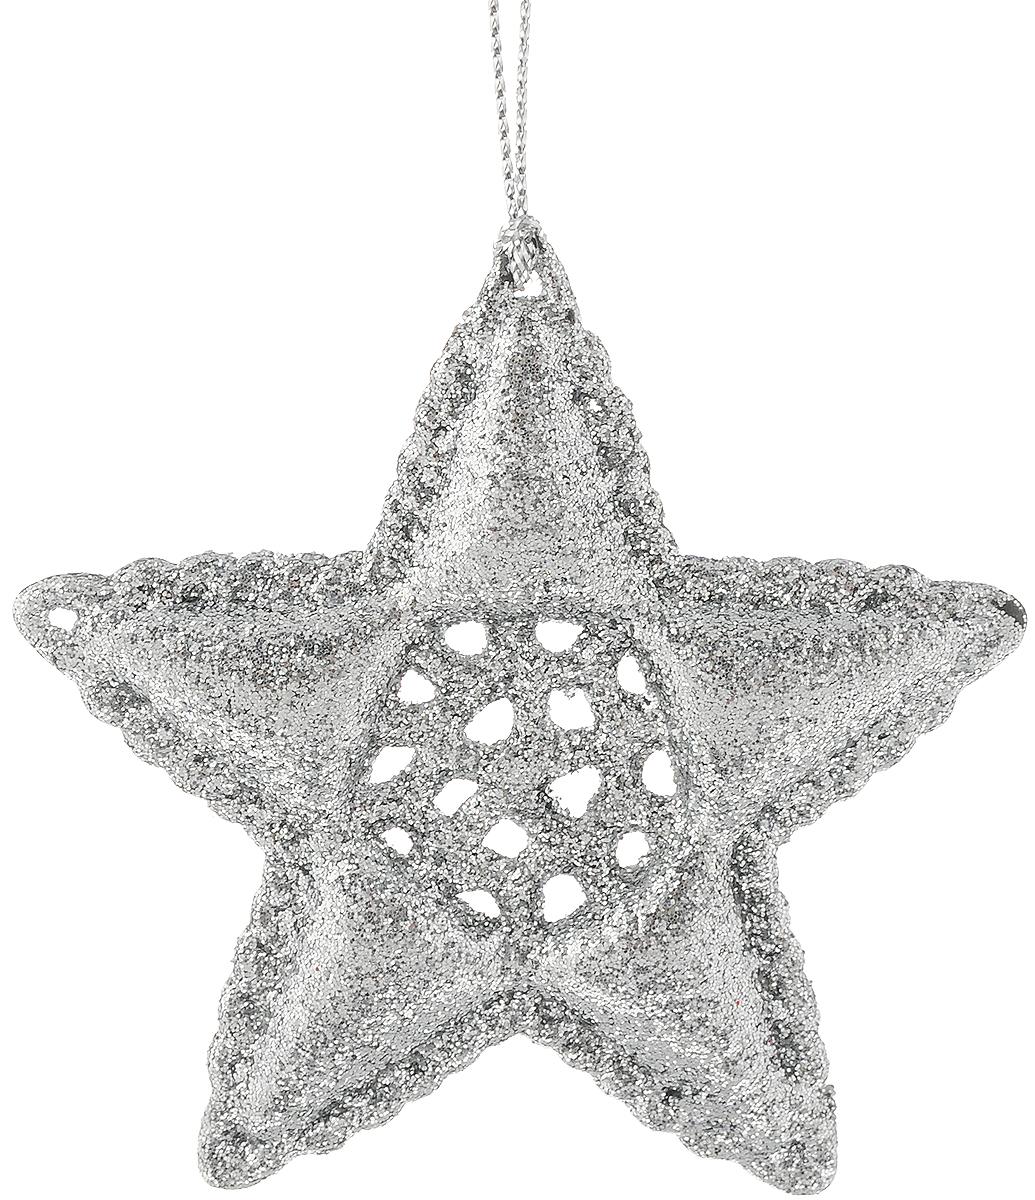 Украшение новогоднее подвесное Magic Time Серебряная звездочка, 8 см38731Оригинальное новогоднее украшение Серебряная звездочка выполнено из прочного пластика. С помощью специальной петельки украшение можно подвесить в любом понравившемся вам месте. Но, конечно же, удачнее всего такая игрушка будет смотреться на праздничной елке. Новогодние украшения приносят в дом волшебство и ощущение праздника. Создайте в своем доме атмосферу веселья и радости, украшая всей семьей новогоднюю елку нарядными игрушками, которые будут из года в год накапливать теплоту воспоминаний.